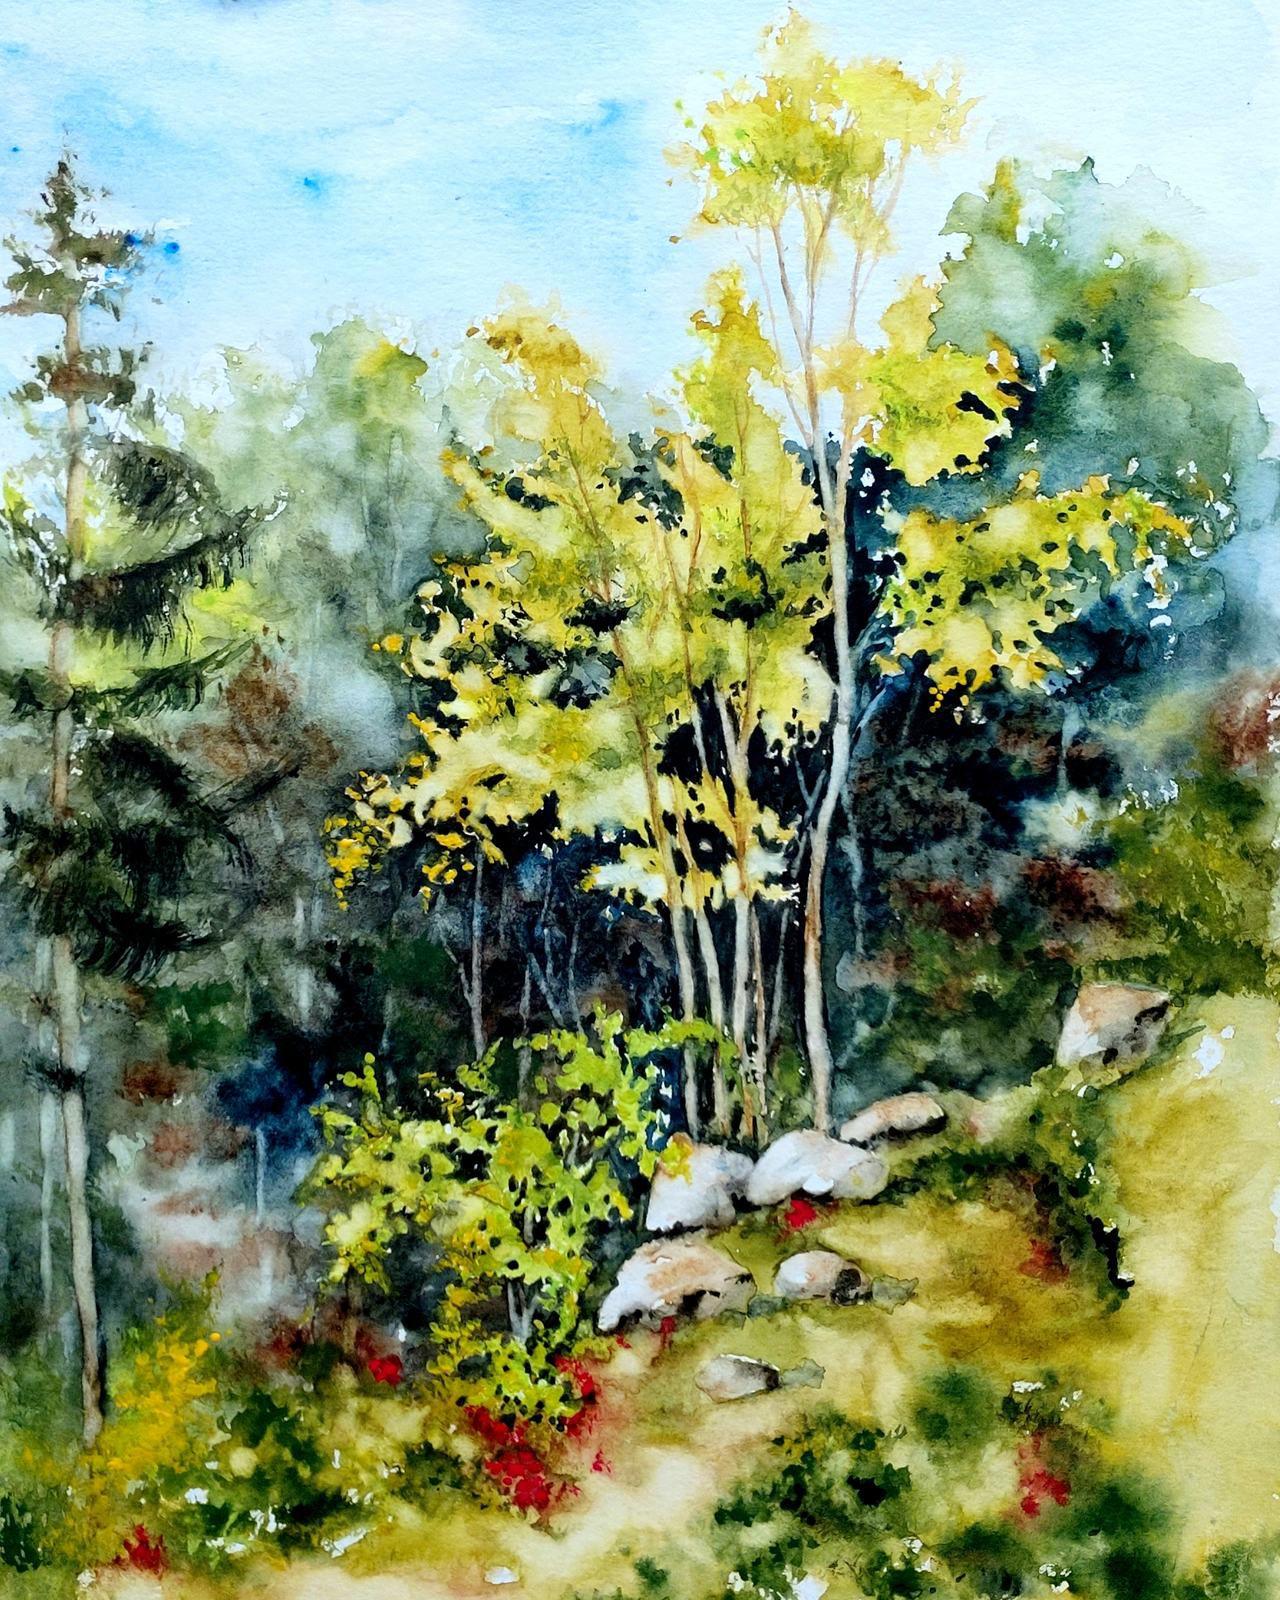 Aquarelle abby paysage forêt sous-bois